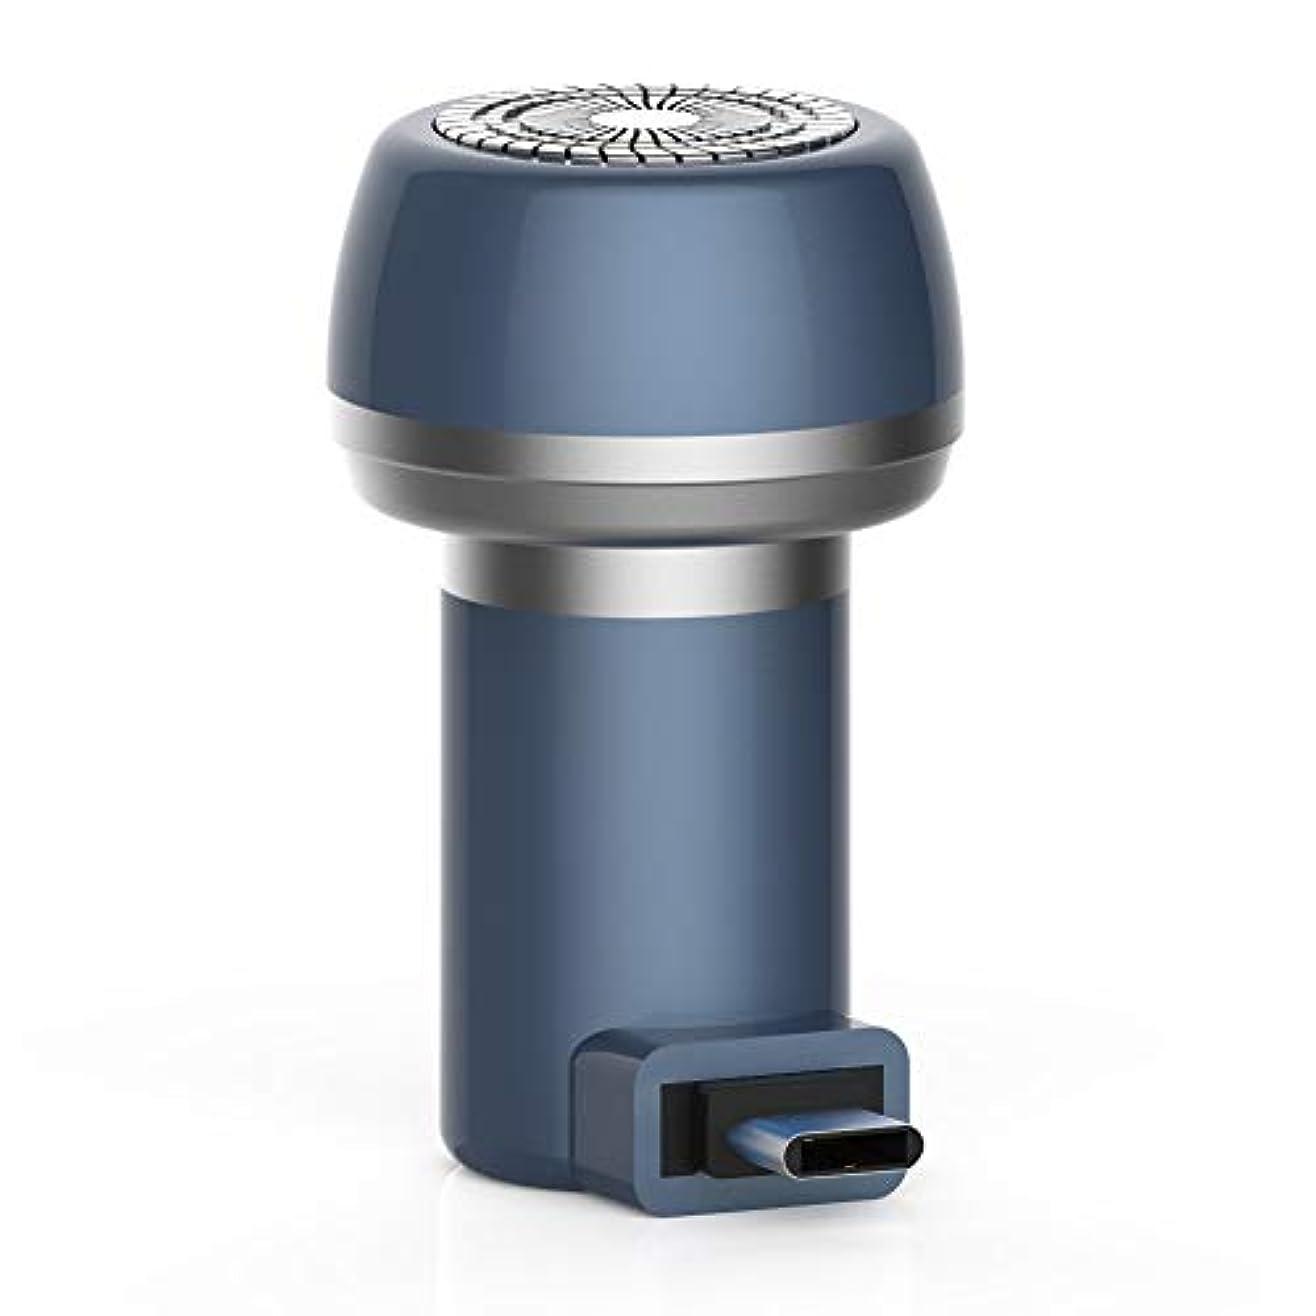 整理するナチュラル結婚CatChi 磁気電気シェーバーミニポータブルType-C USB防水剃刀